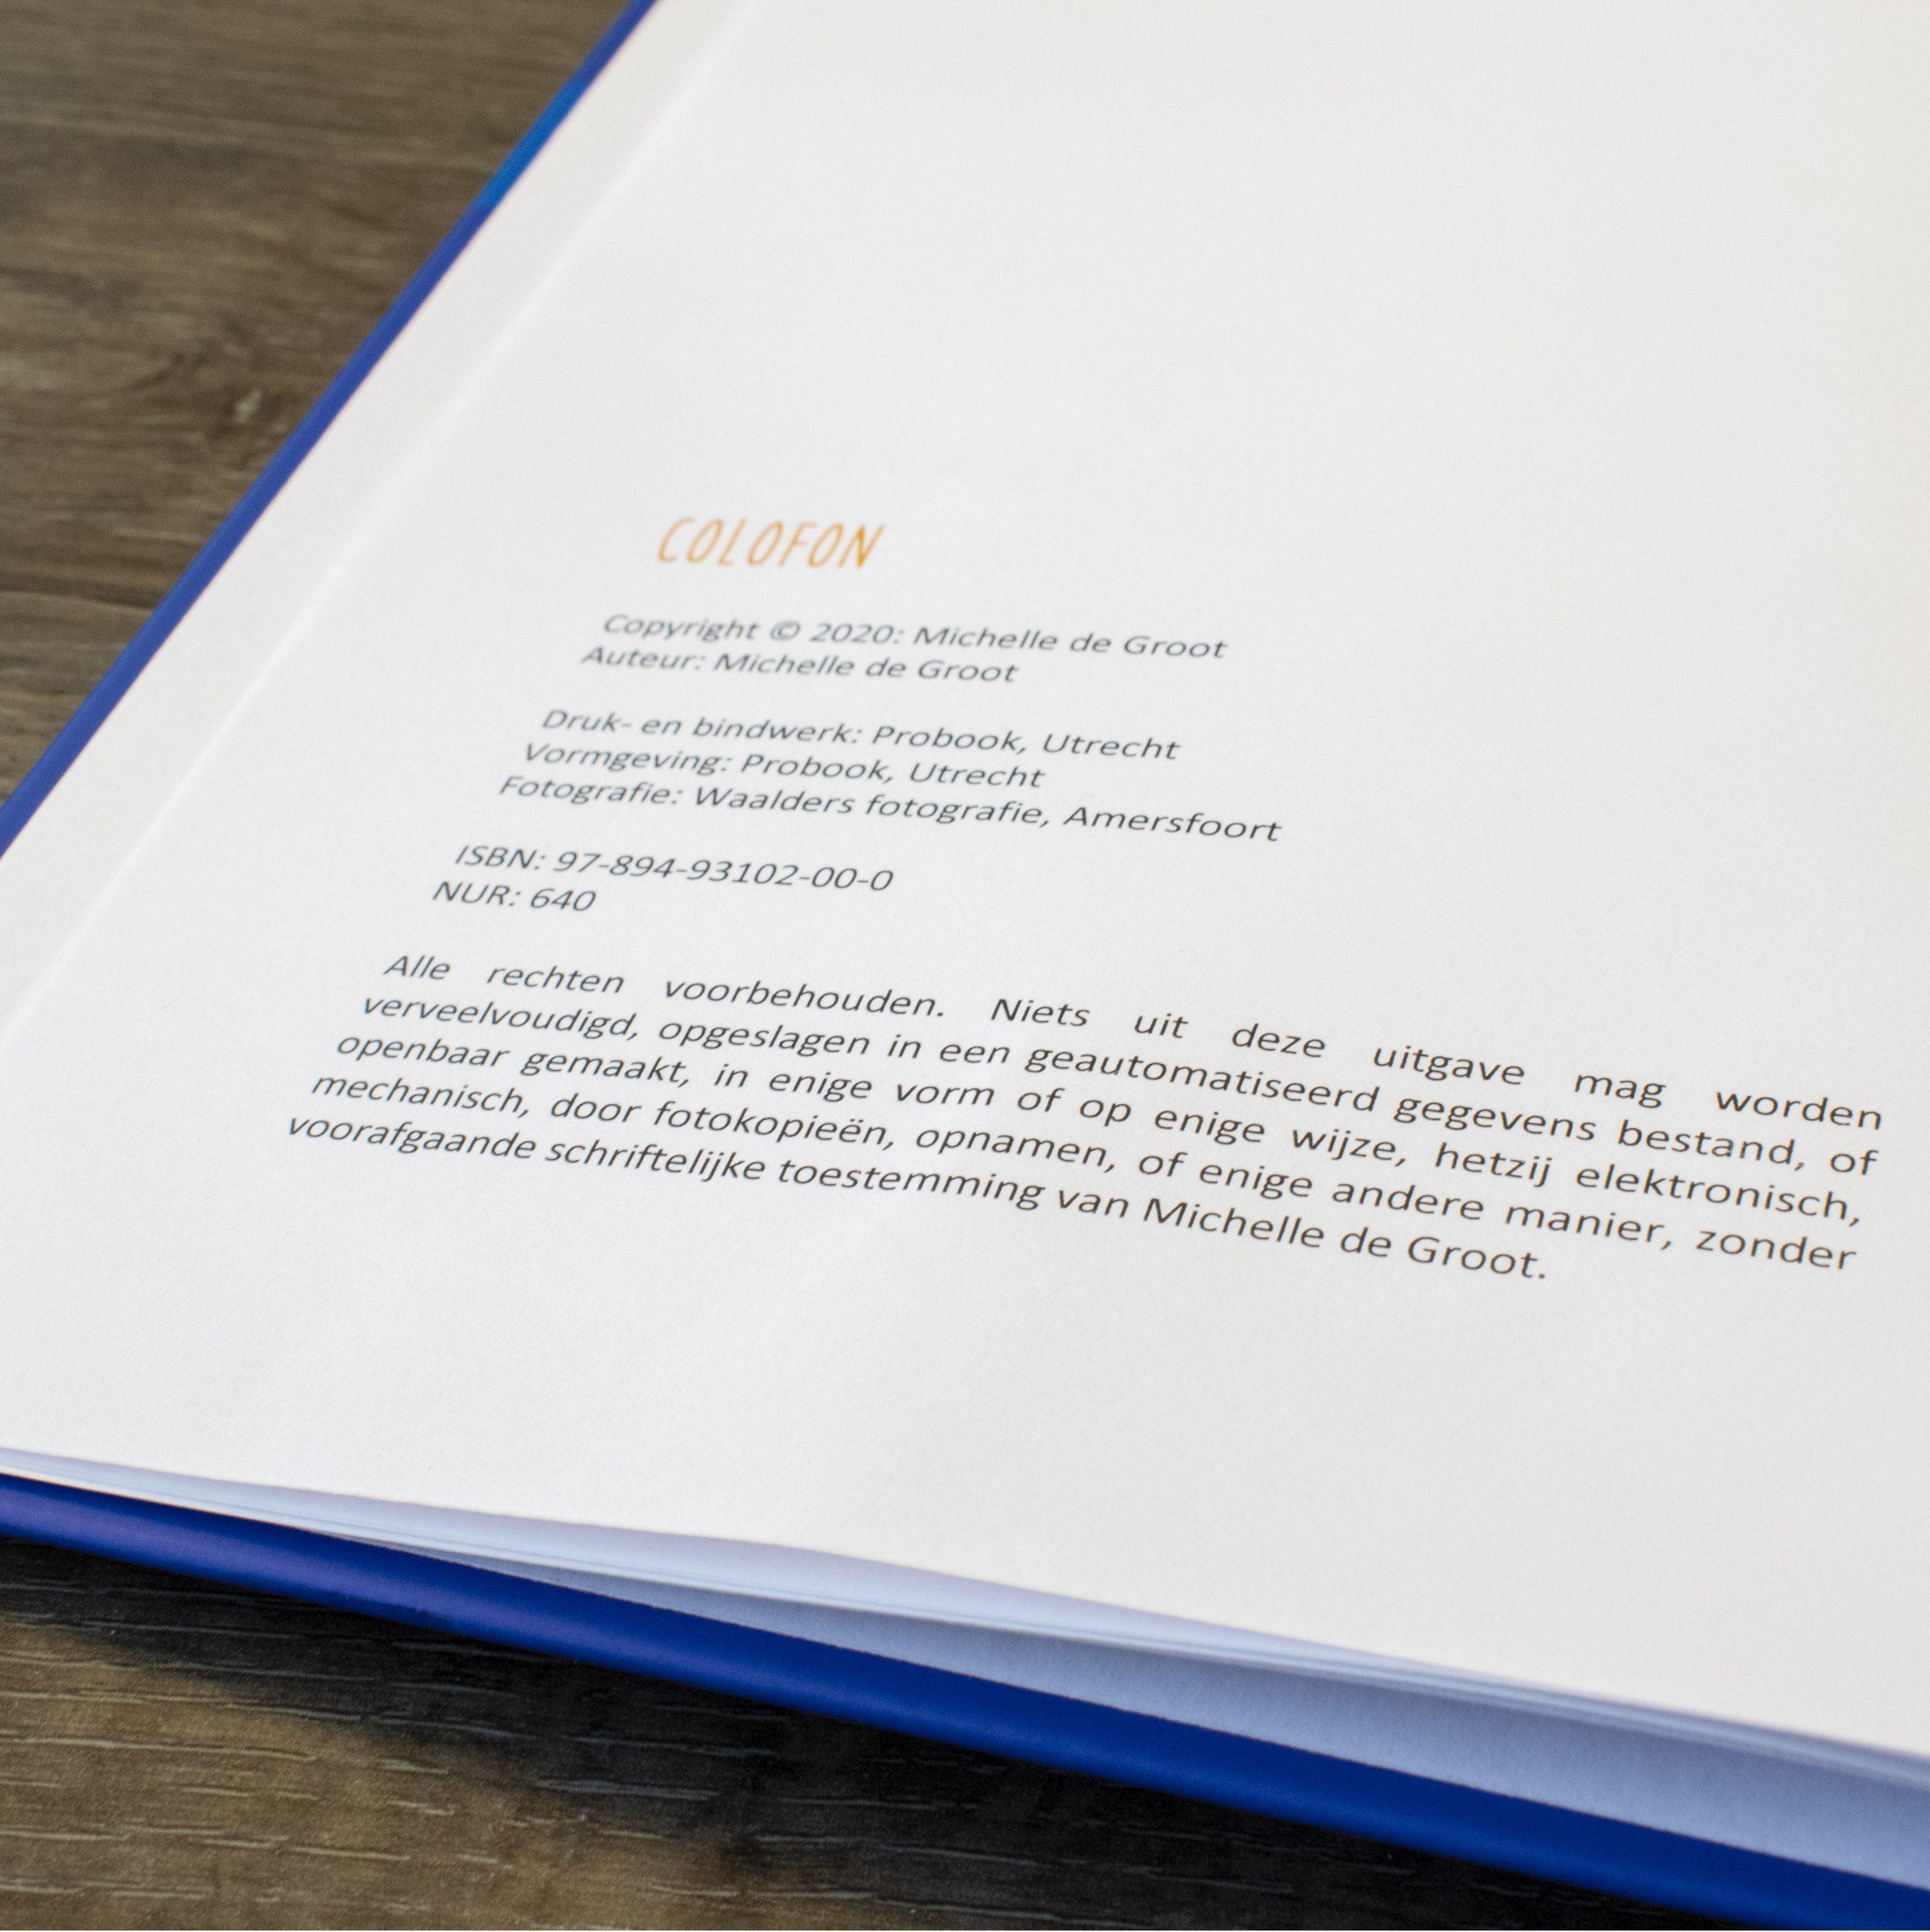 auteursrechten bij een boek